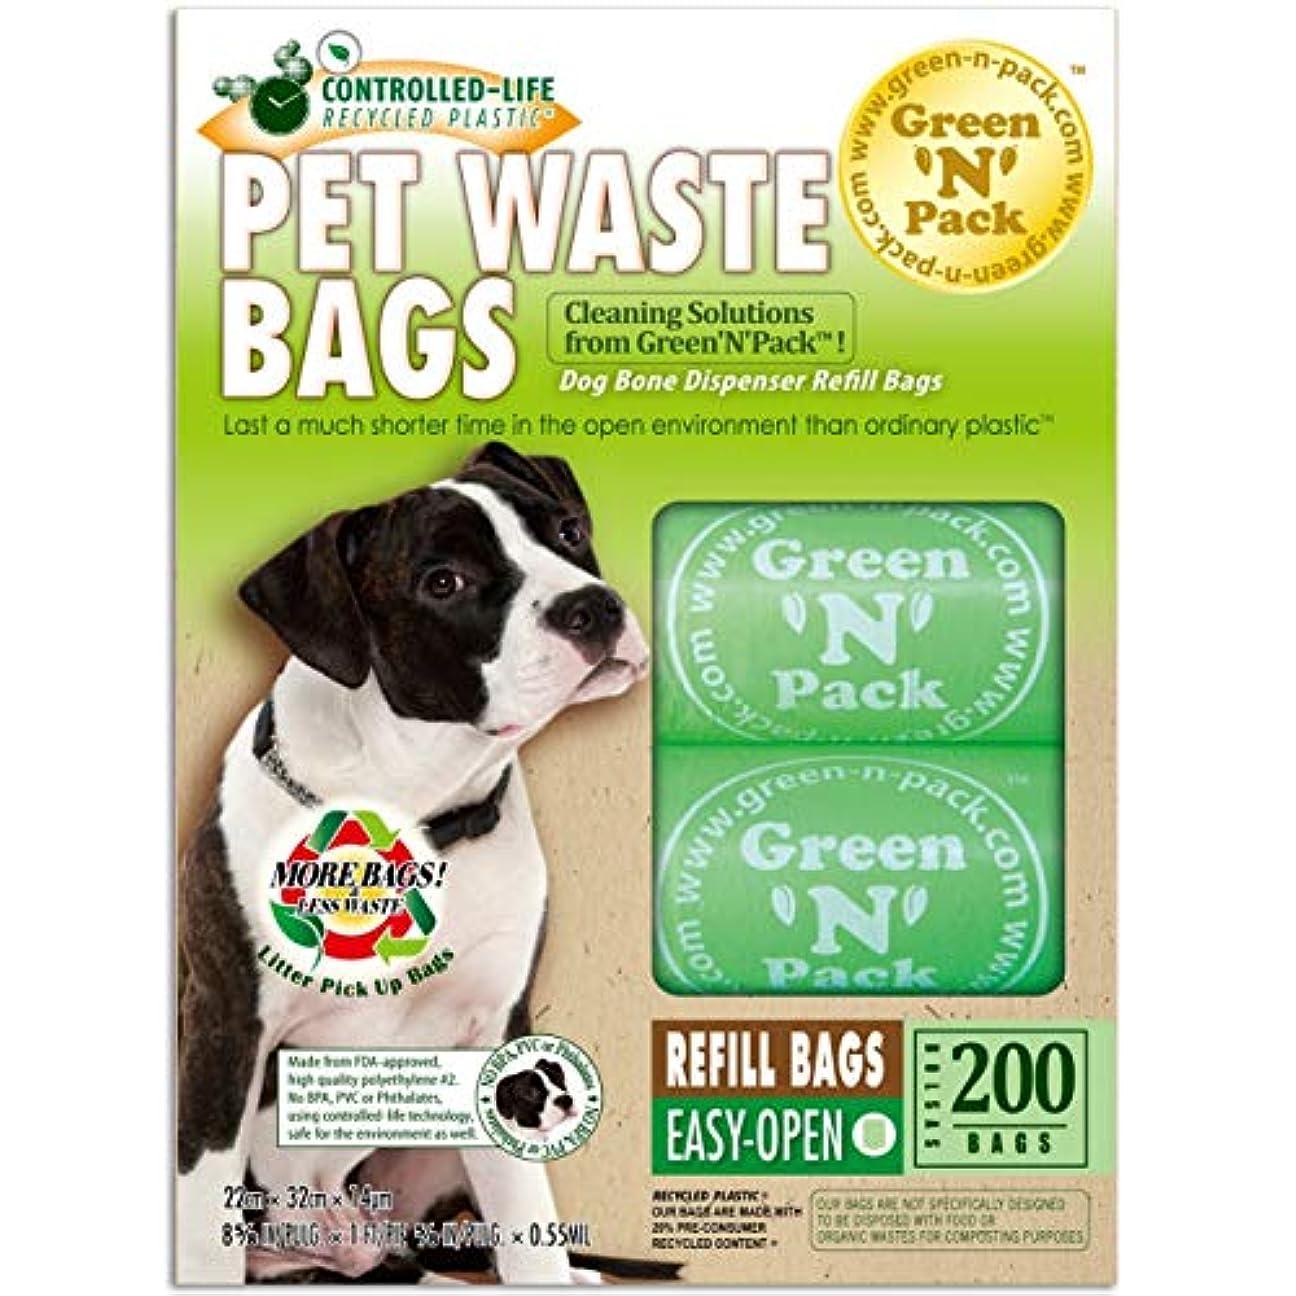 リハーサル純粋に置換Green 'N' Pack Eco Friendly Bags - 犬Pooは日 75 パックを袋に入れる - 200バッグ